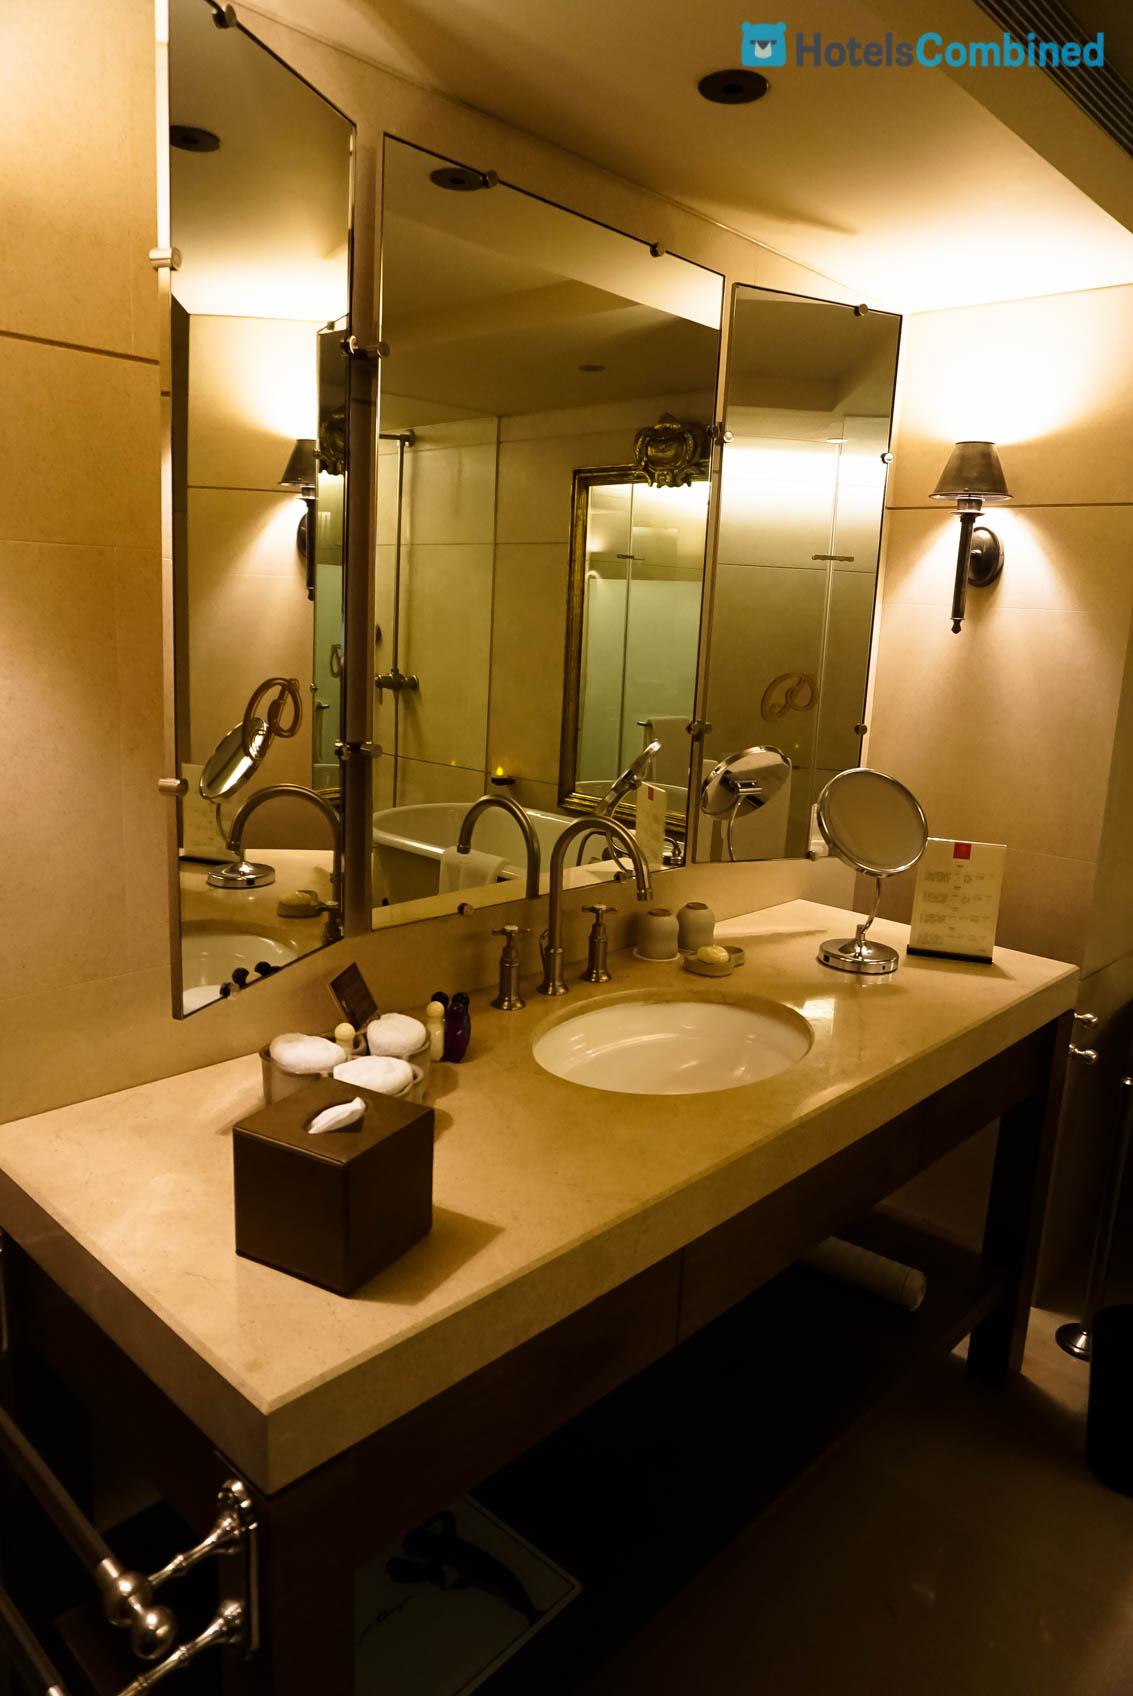 โซนห้องน้ำแยกชัดเจนจากบริเวณโซนพักผ่อนค่ะ